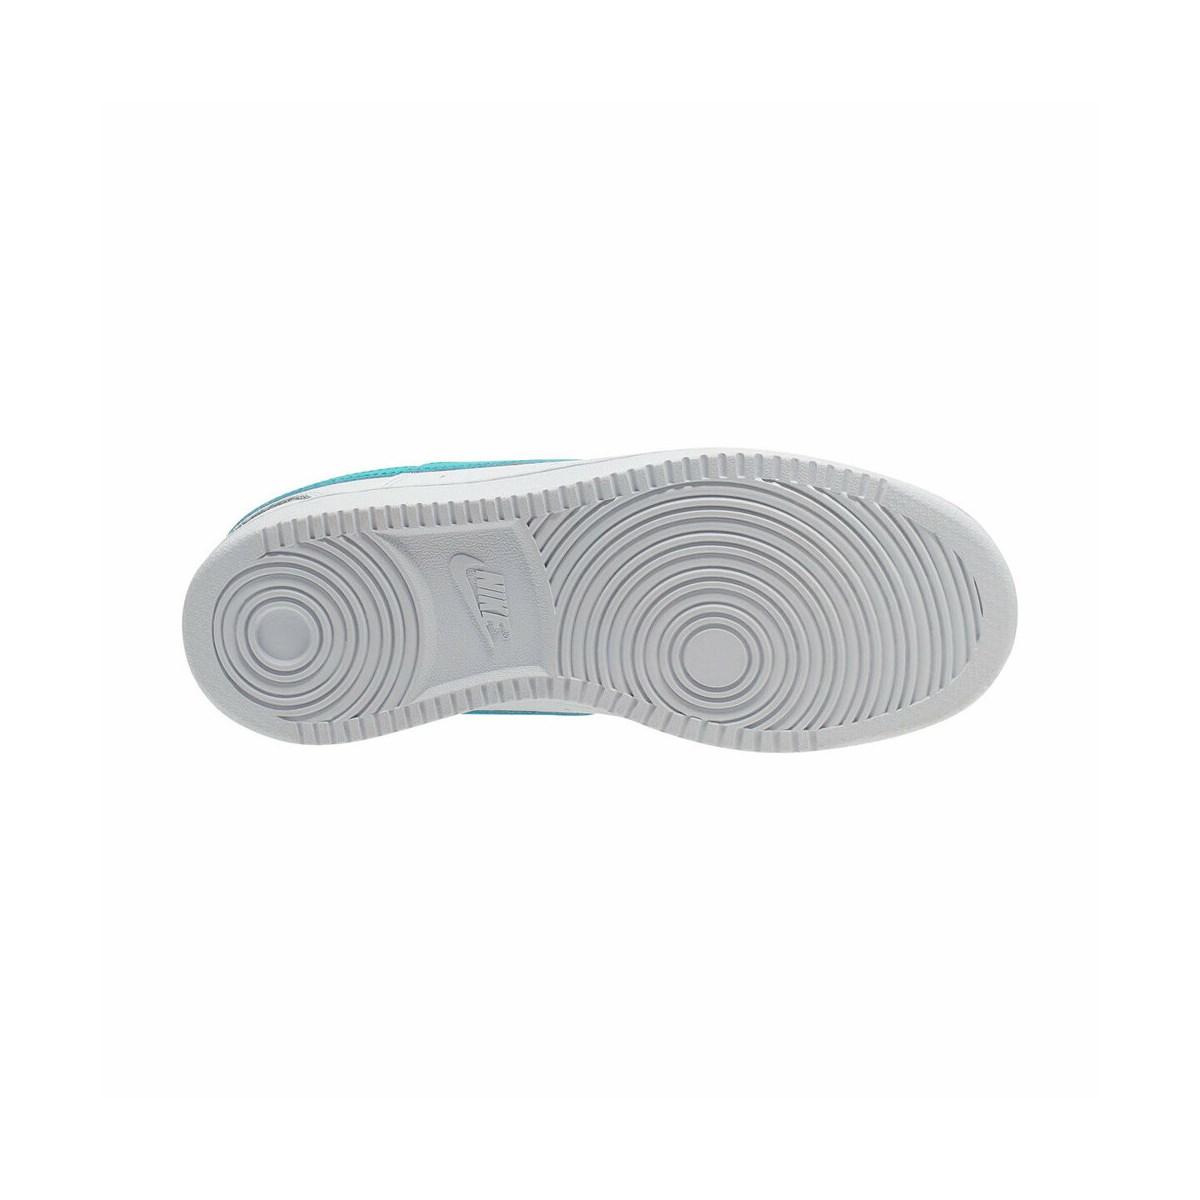 Court Vision Low Kadın Beyaz Spor Ayakkabı (CD5434-102)